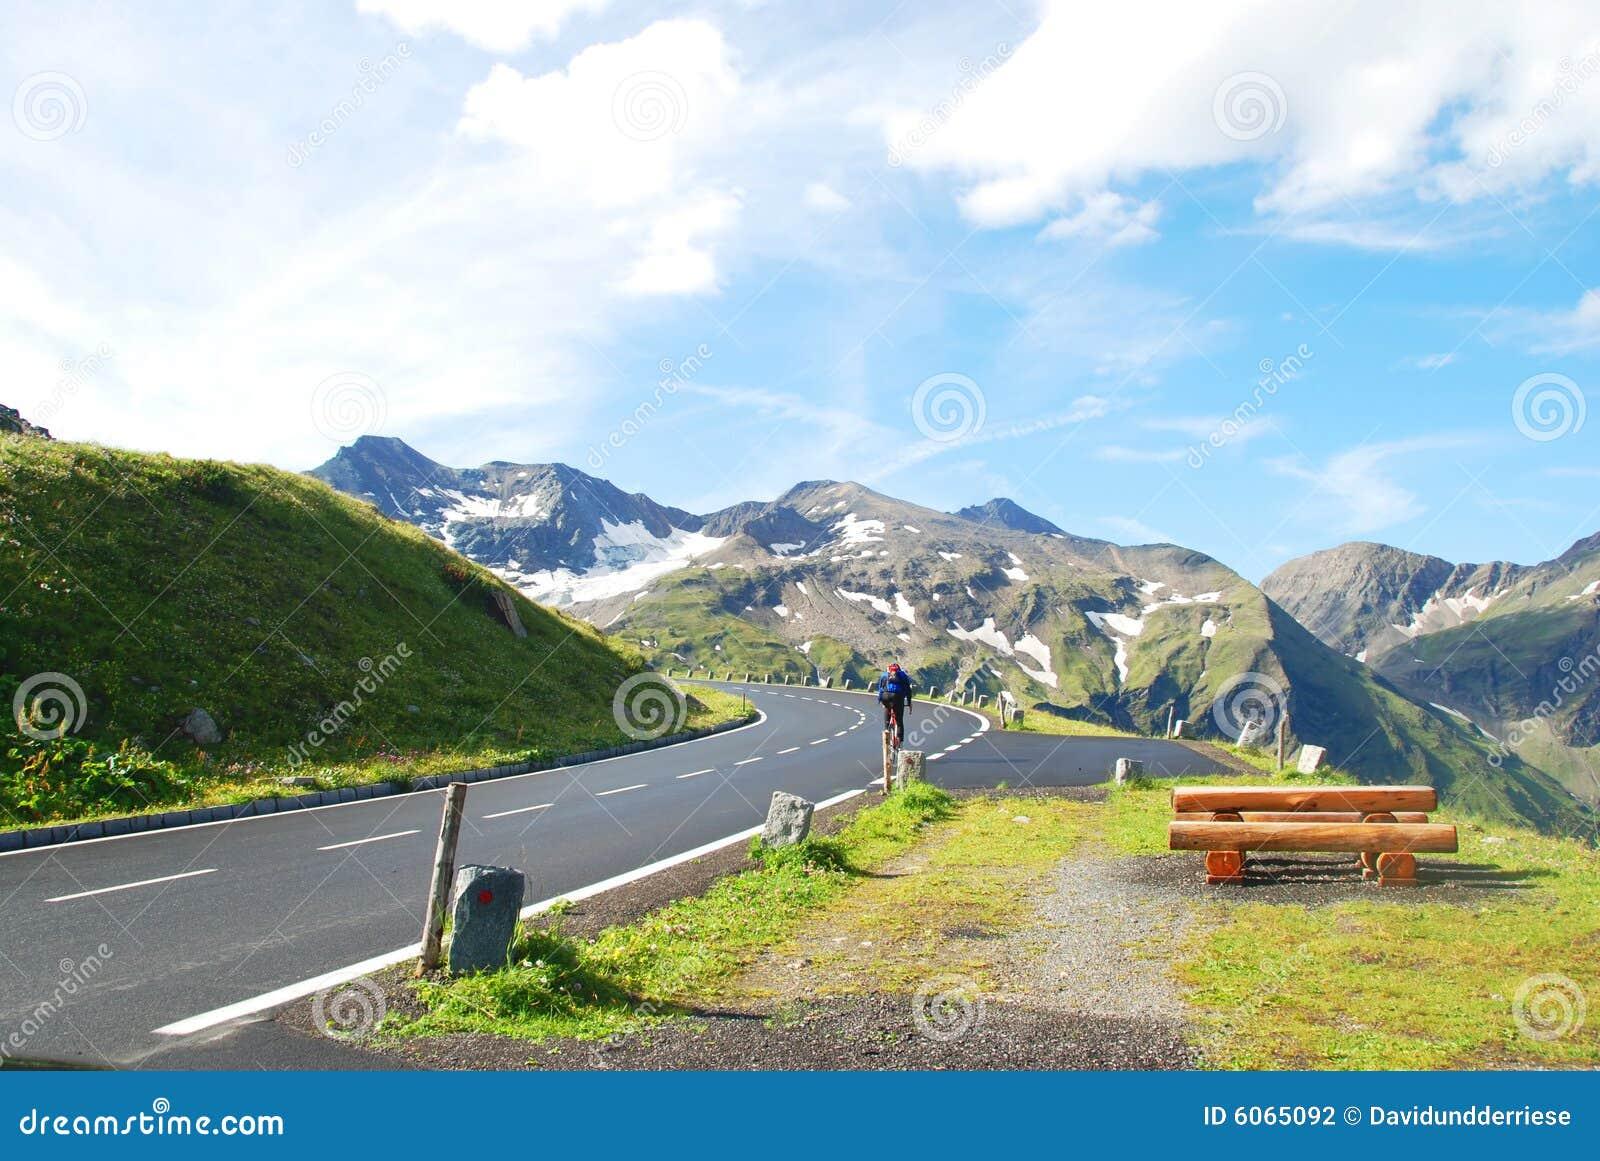 Alto camino alpestre de Grossglockner.